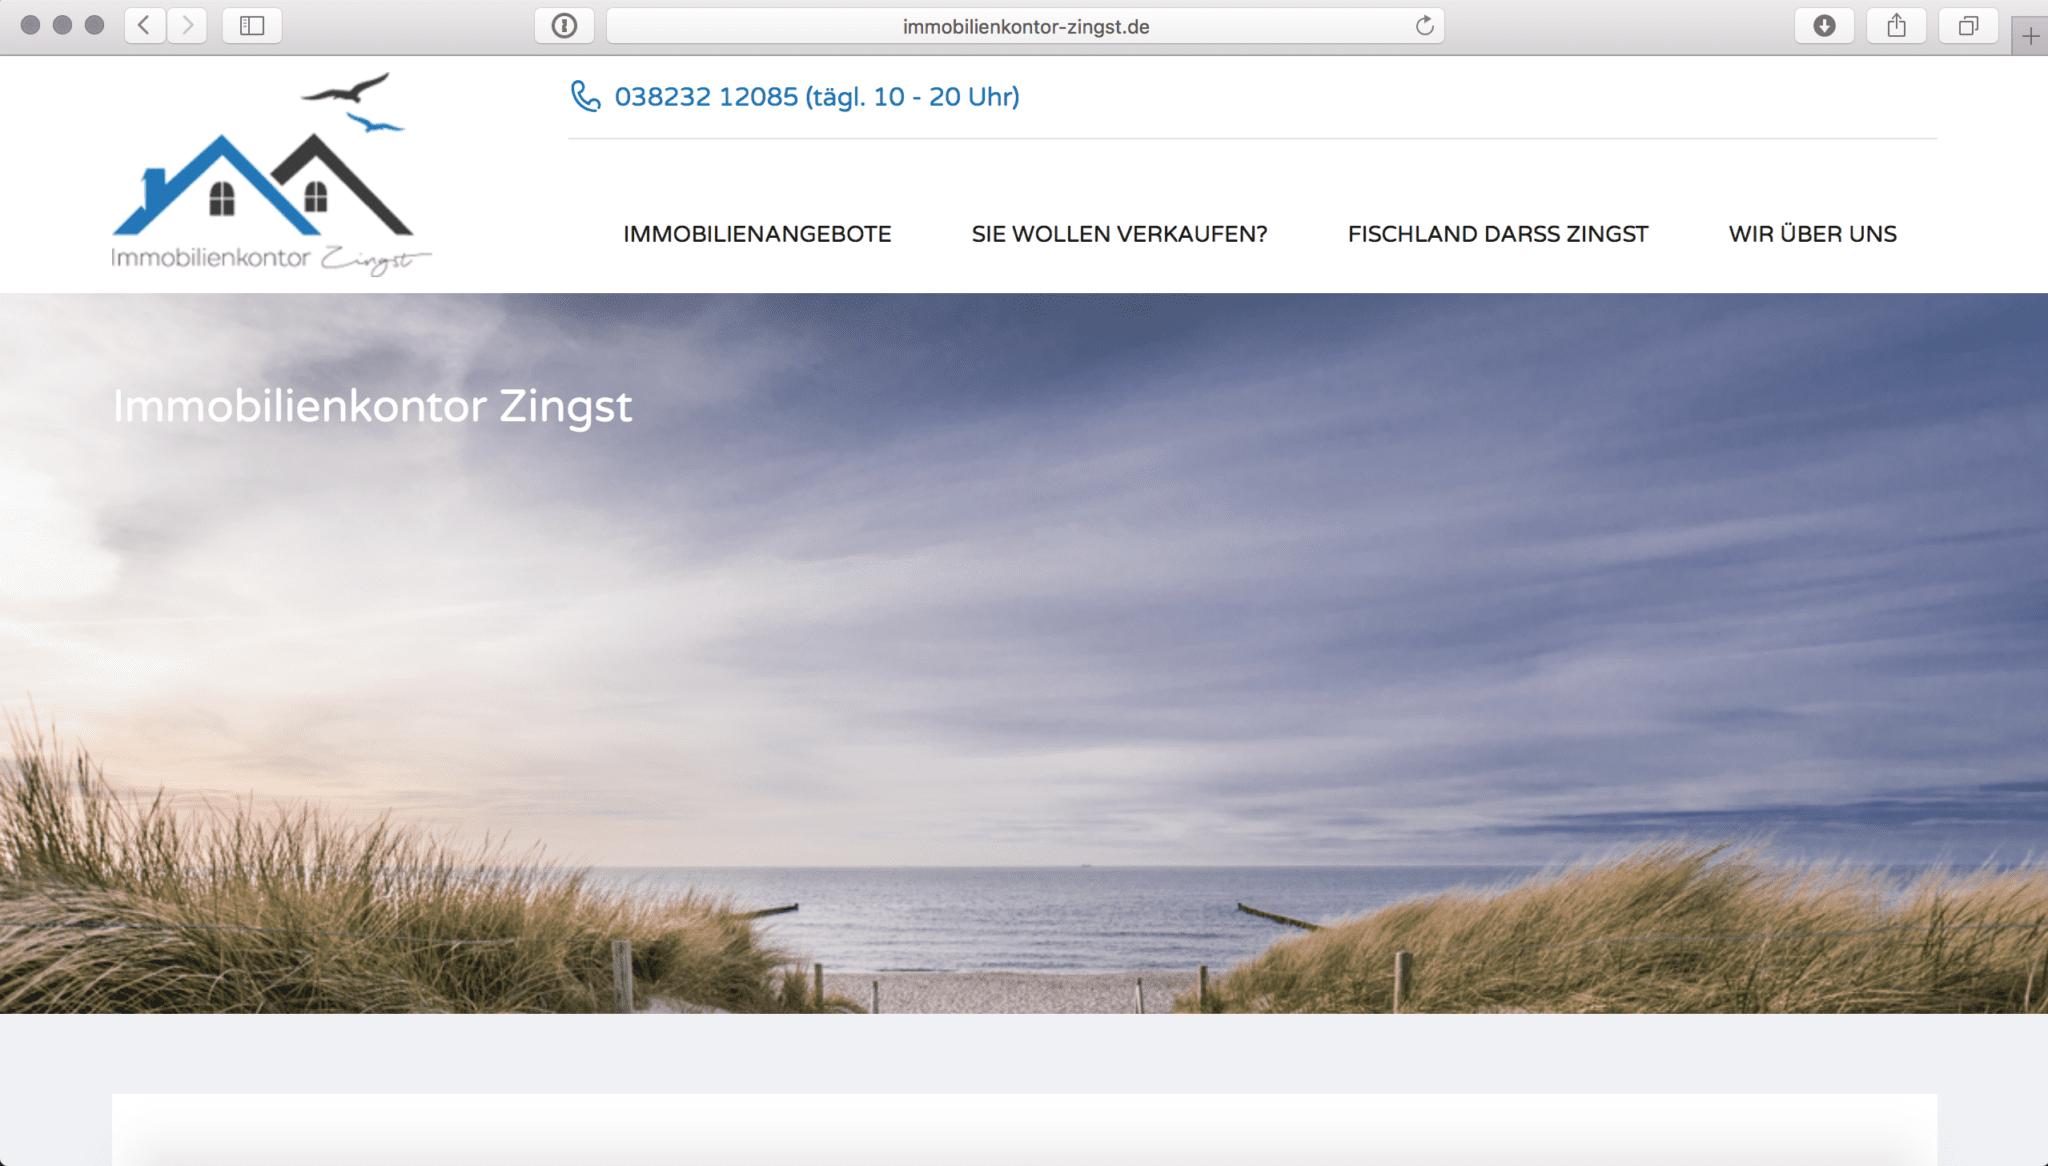 www.immobilienkontor-zingst.de